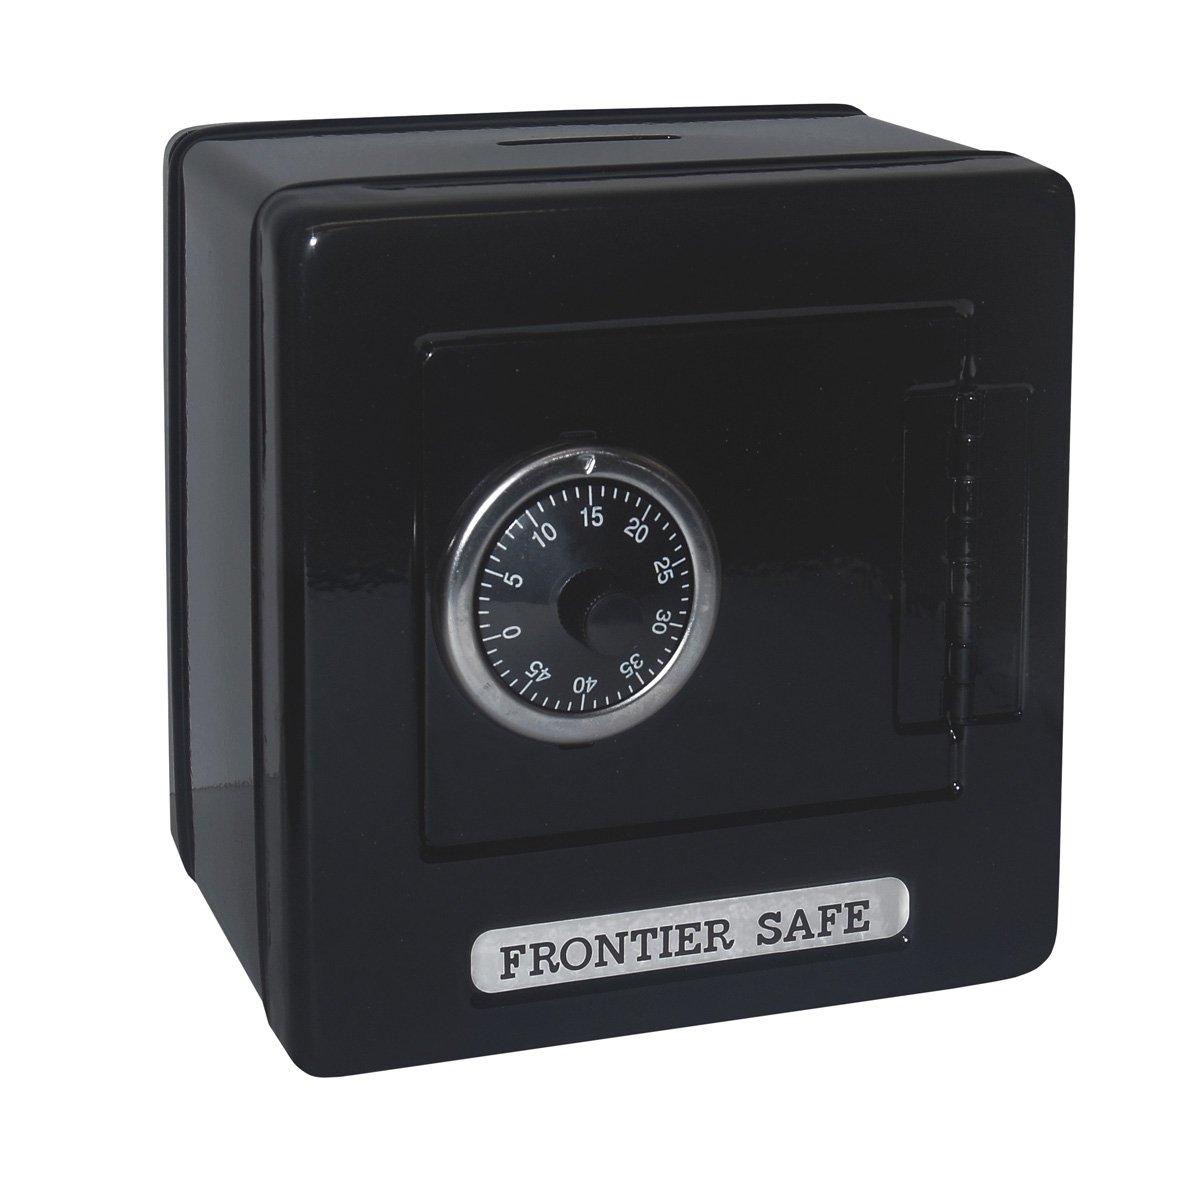 Kid 's FrontierセーフCoinセーバーBank with 2桁の組み合わせロック – ブラック B0777QLCLK